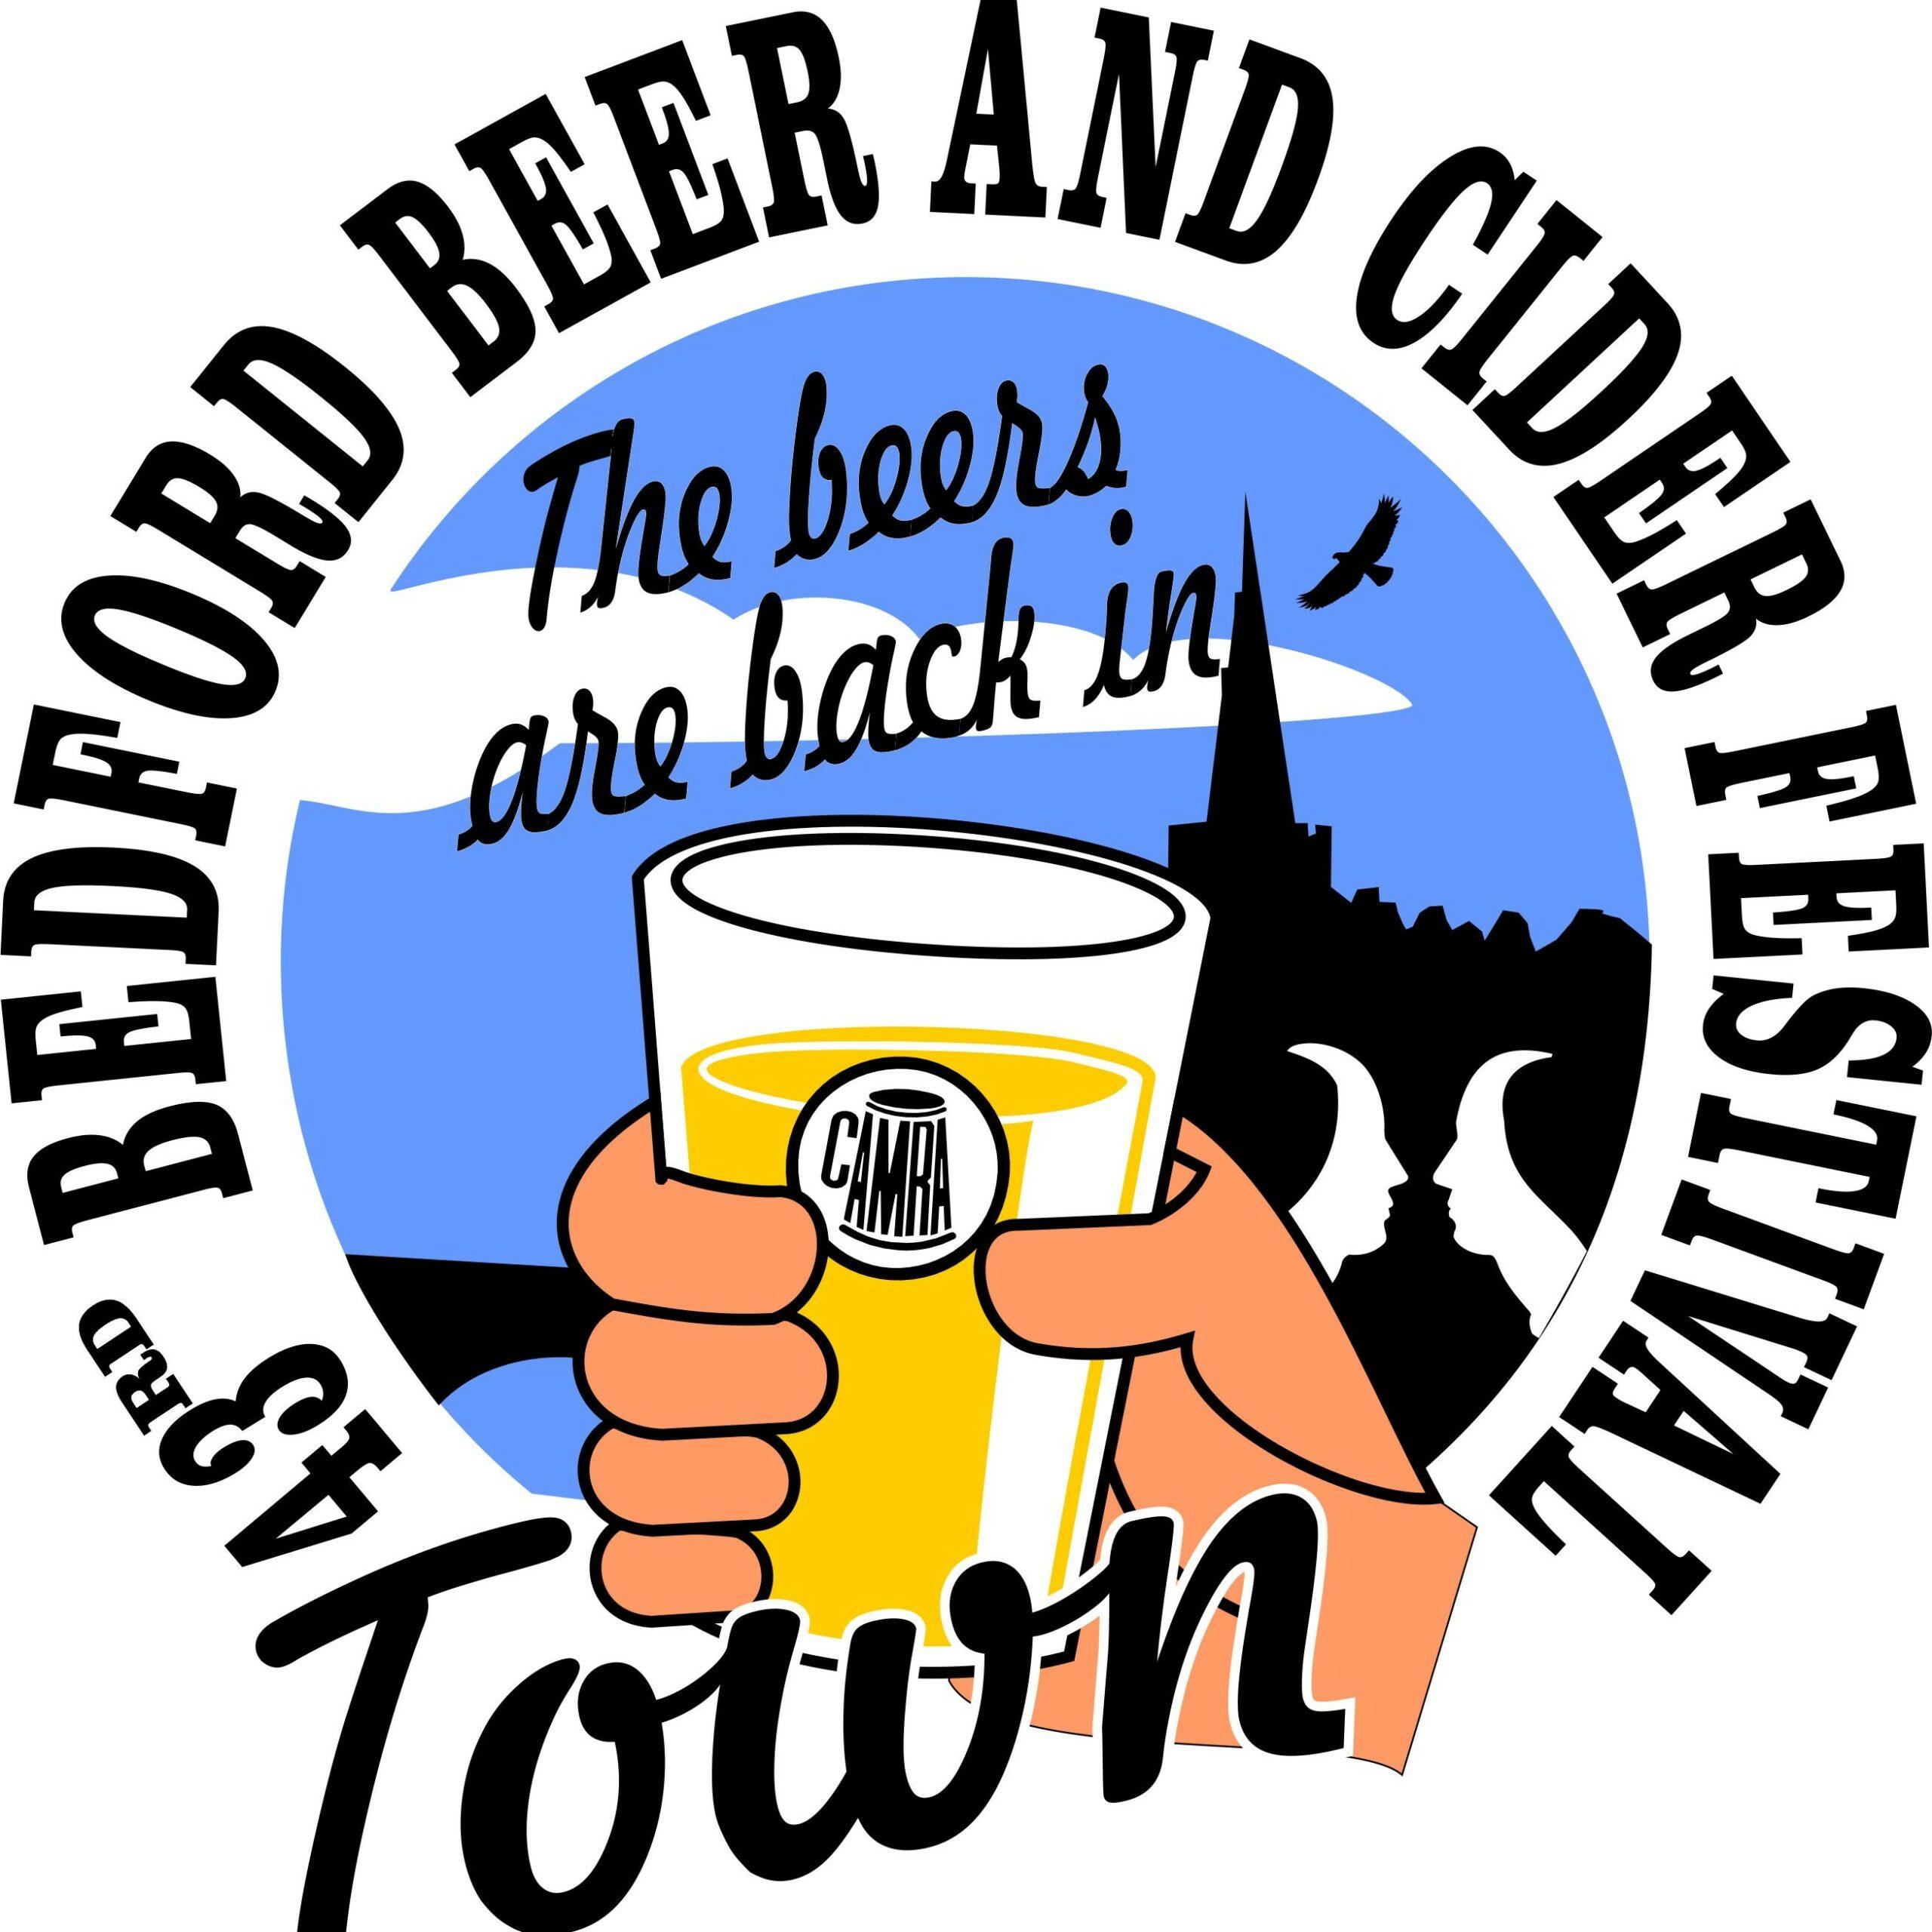 Bedfotd Beer festival